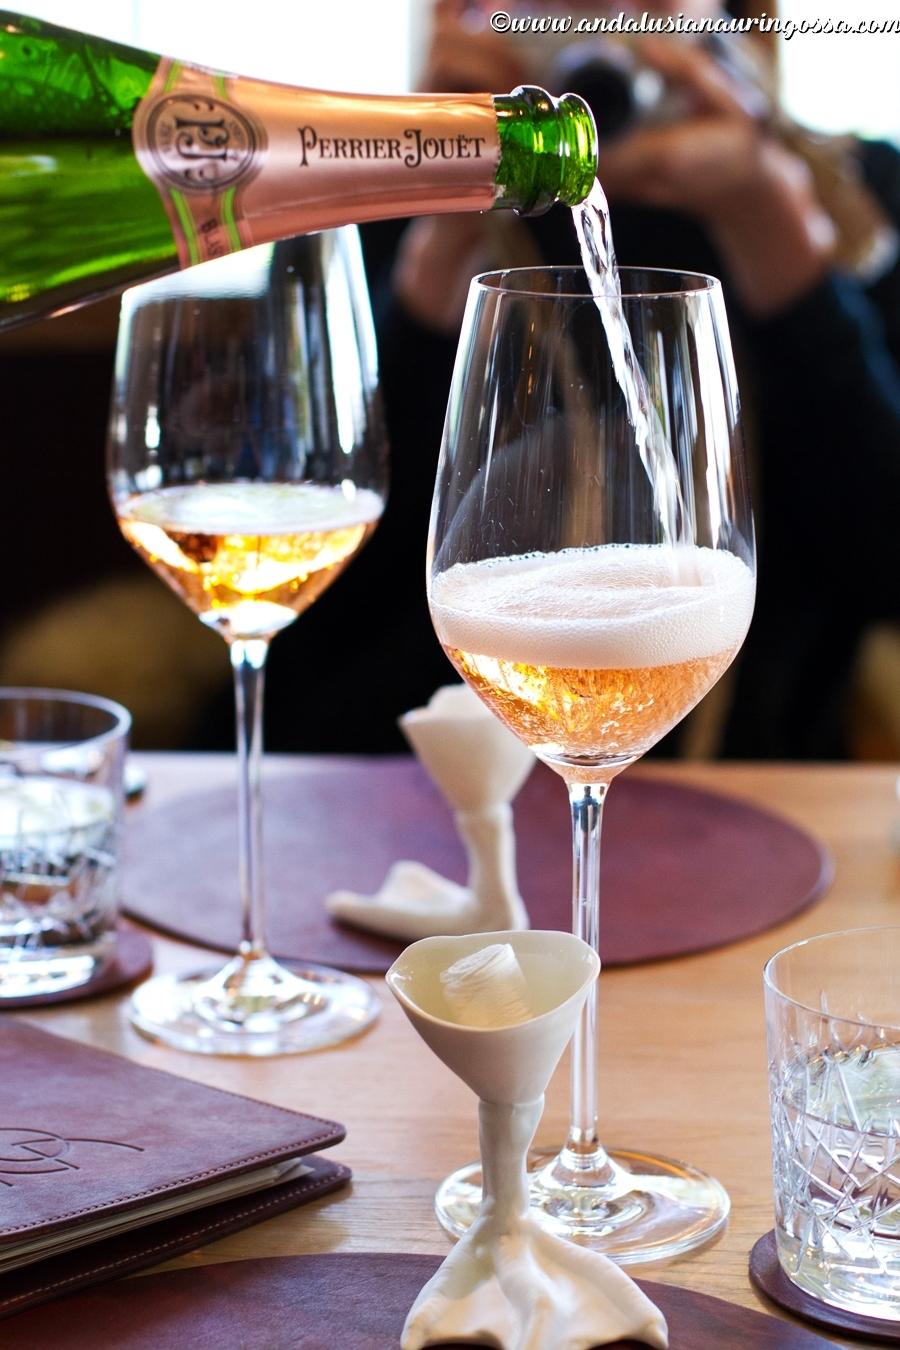 Noa_Tallinna_Tallinnan parhaat ravintolat_Andalusian auringossa_ruokablogi_matkablogi_6